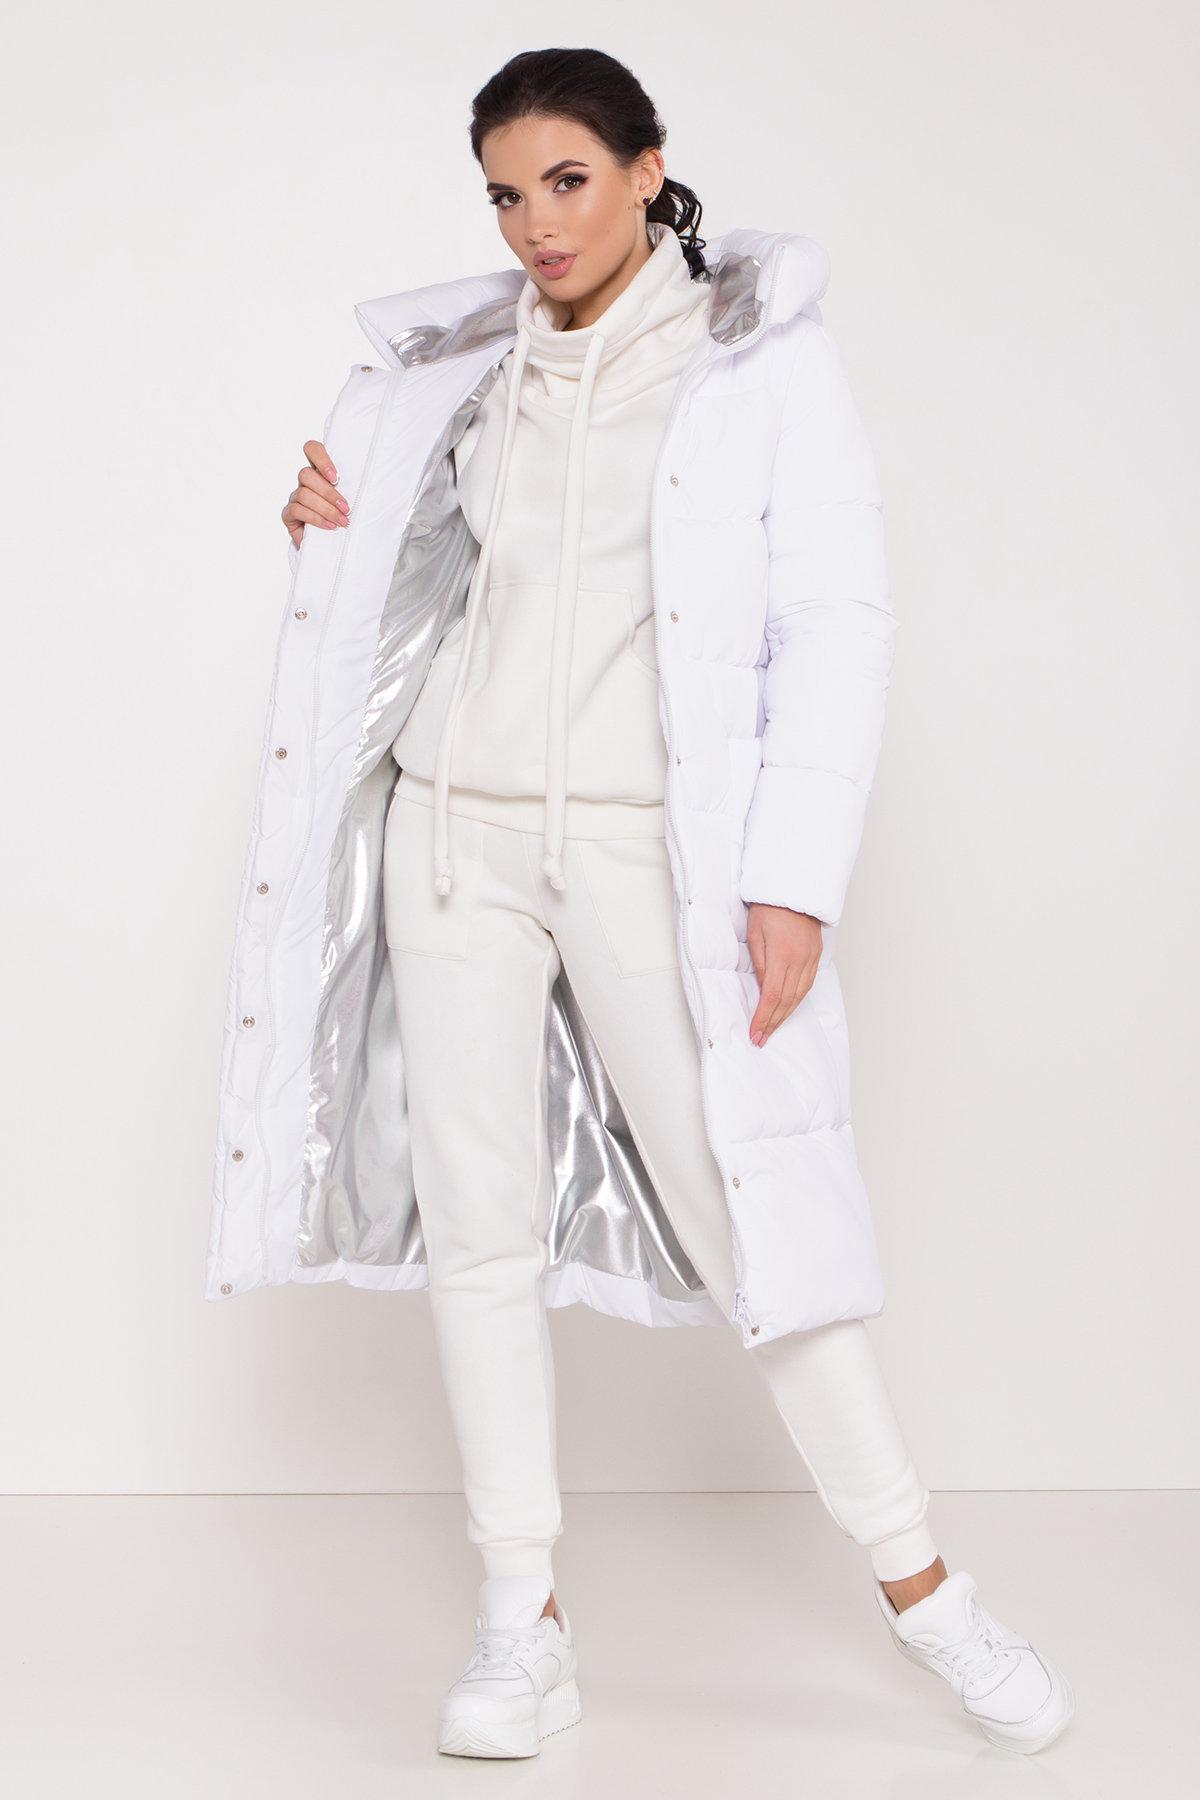 Удлиненный пуховик с накладными карманами Бланка 8622 АРТ. 44960 Цвет: Белый - фото 1, интернет магазин tm-modus.ru